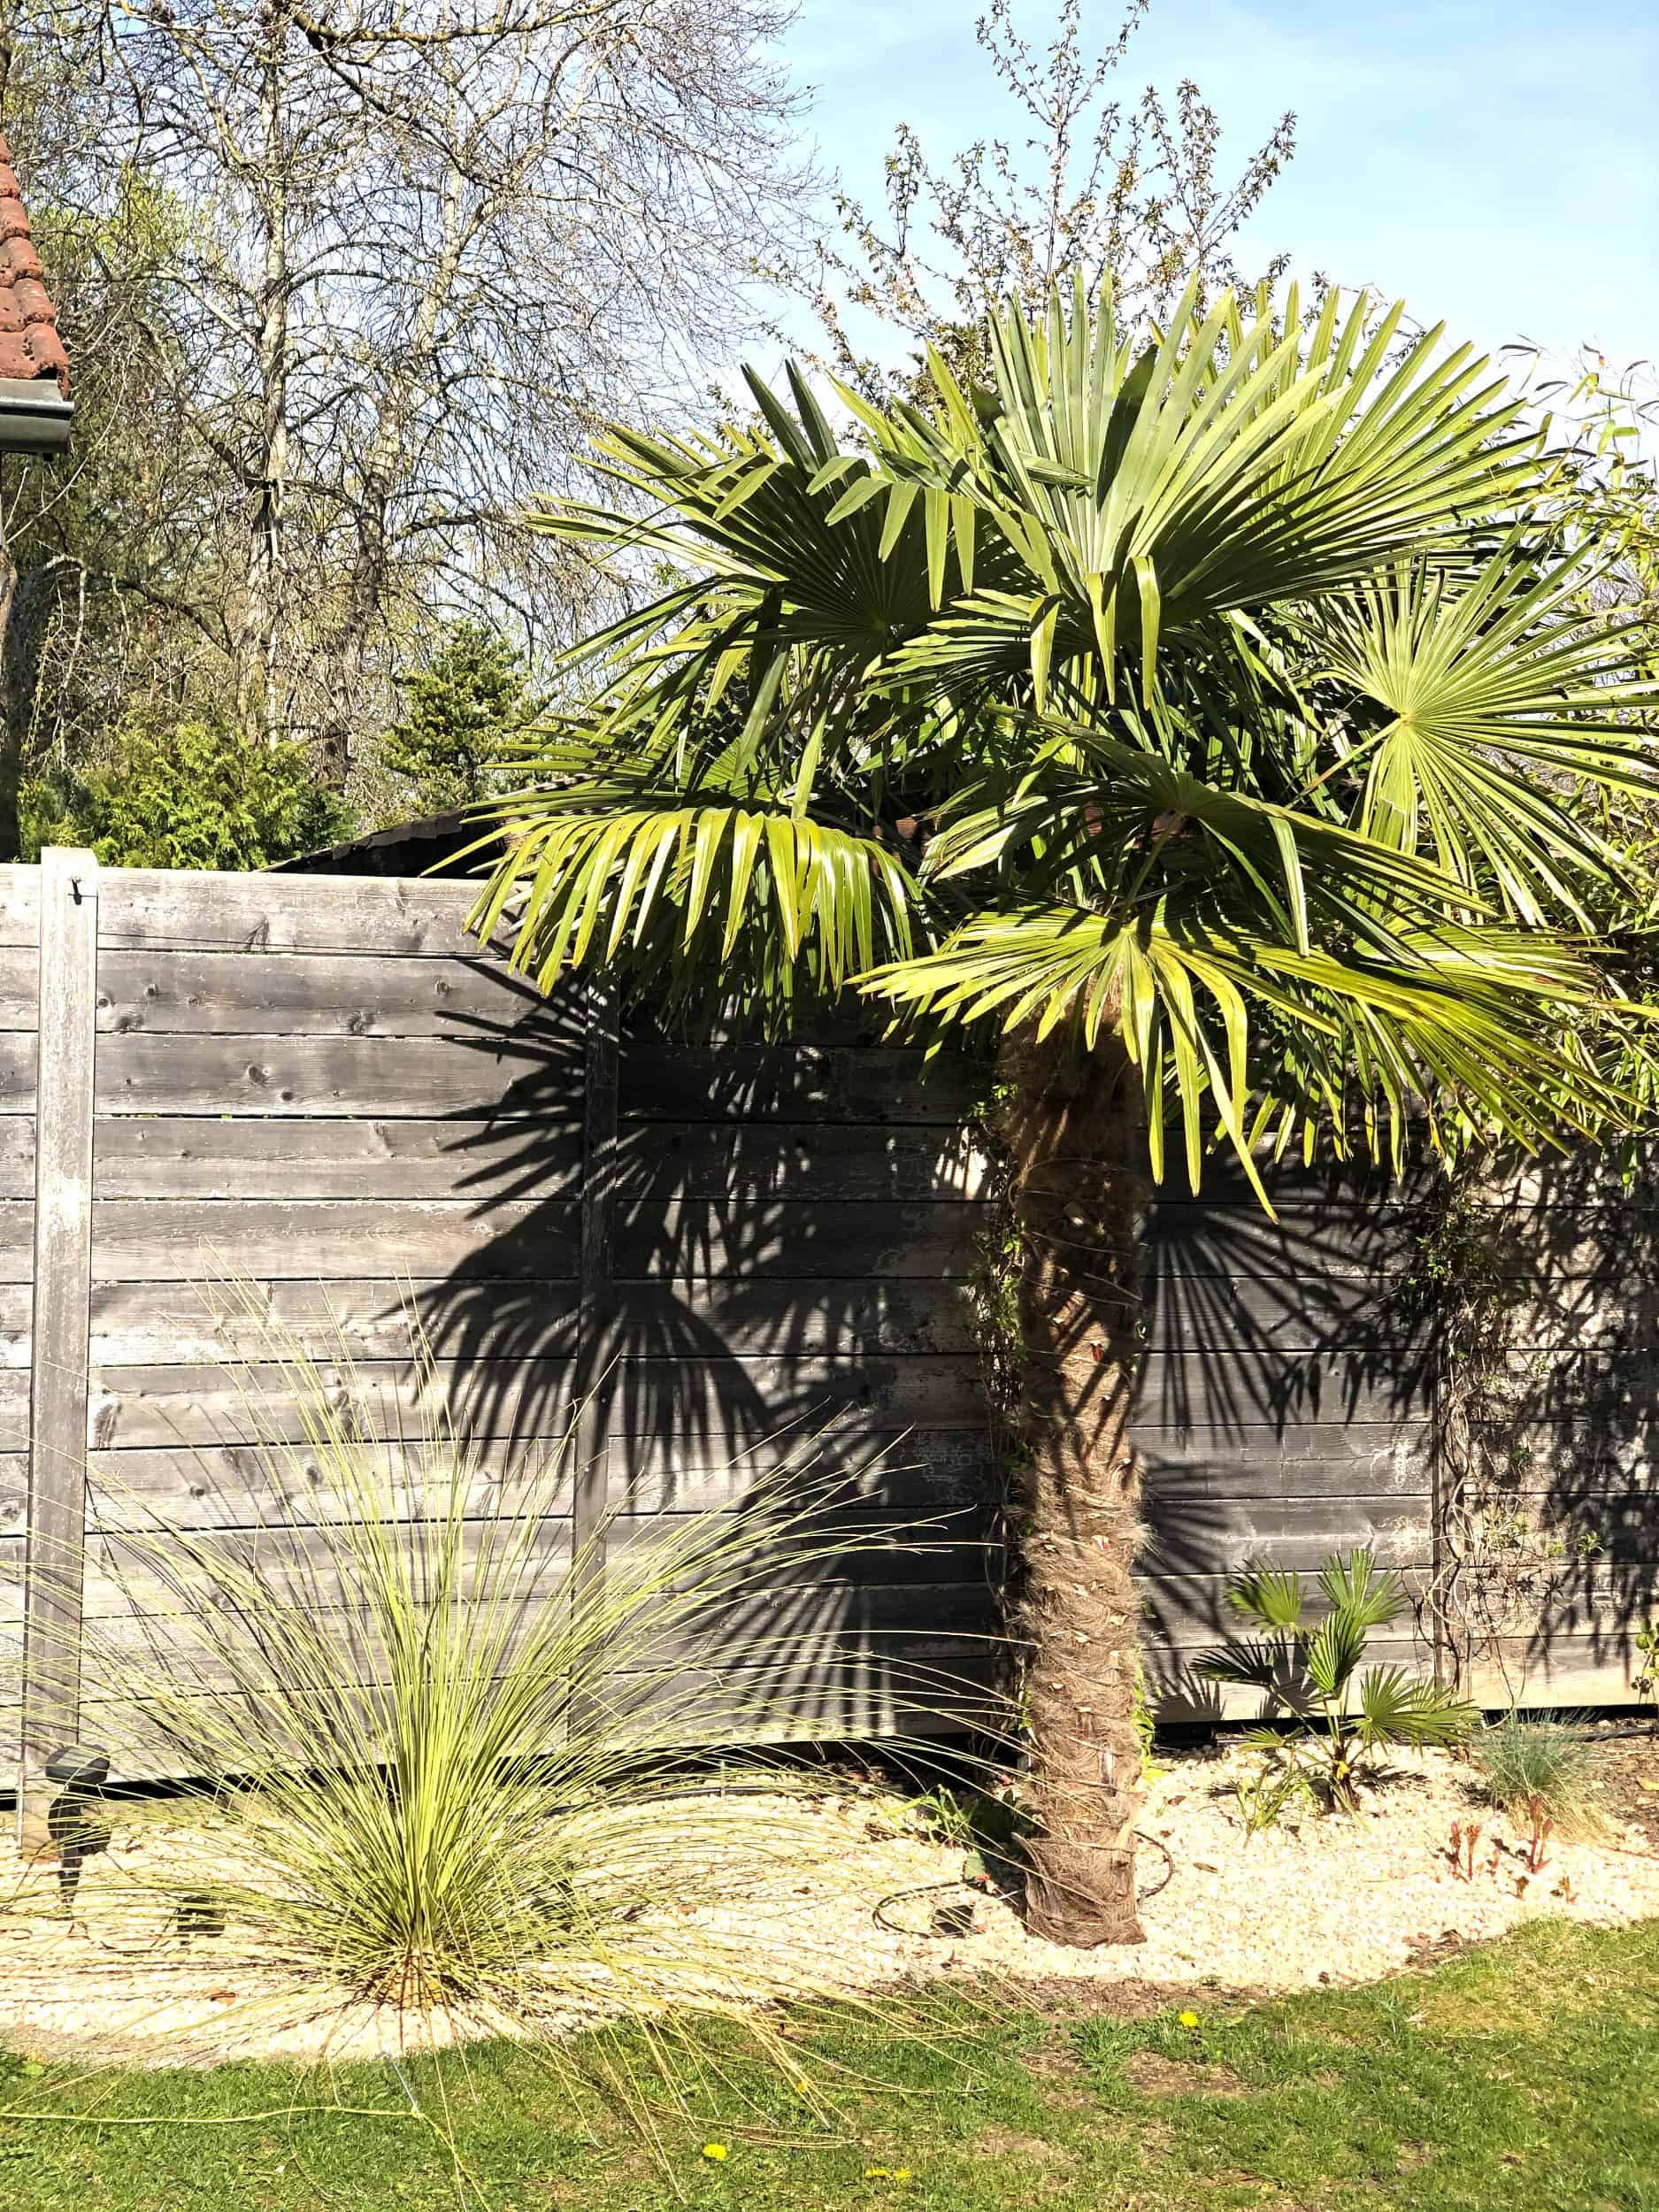 20-04-Trachycarpus Fortunei 02